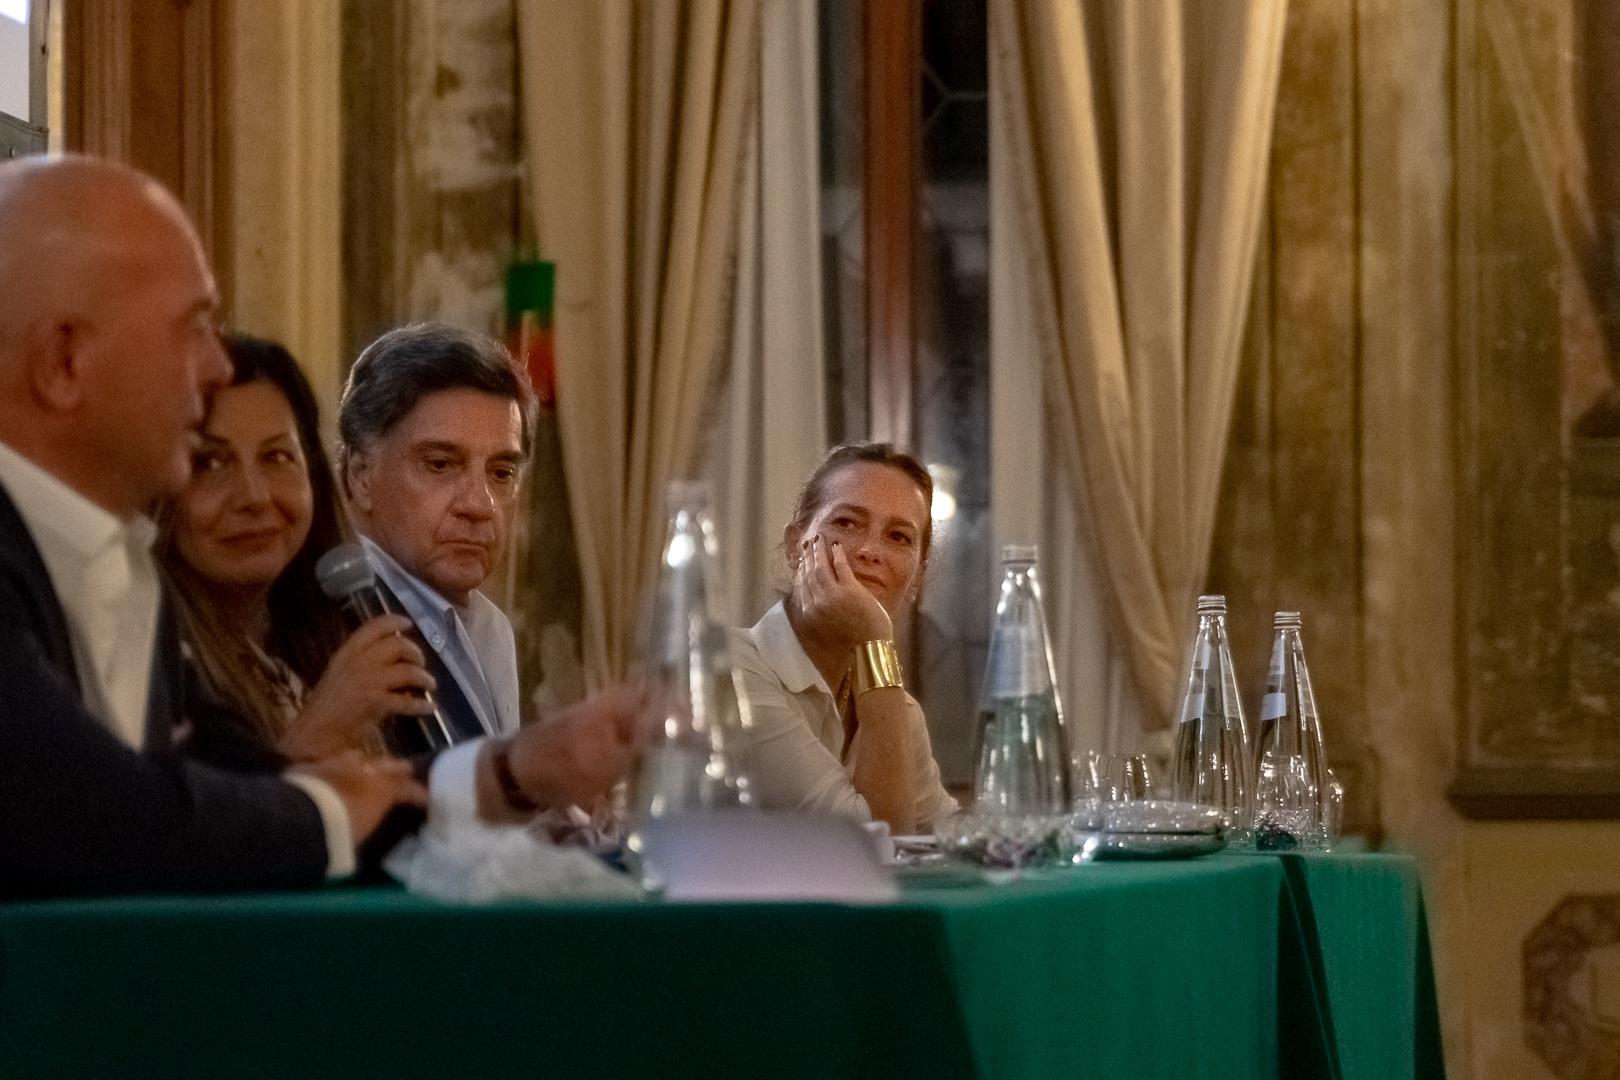 Da sx: Giuseppe Pedersoli - Lisa Bernardini - Marco Tullio Barboni - Diamante Pedersoli